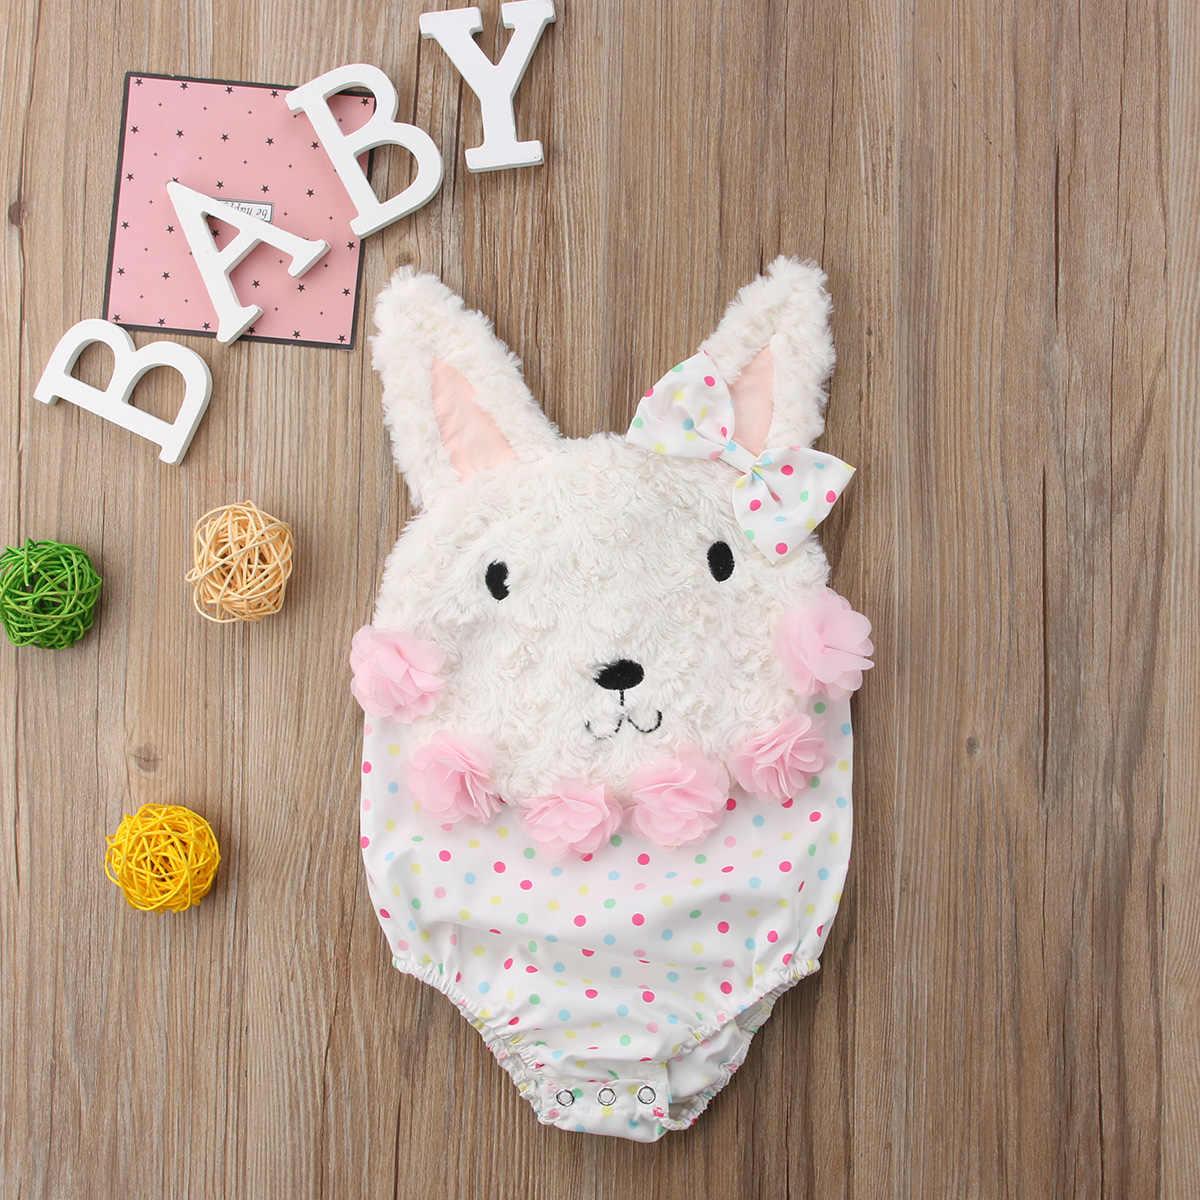 Pudcoco幼児女の赤ちゃん服フラワーレースバニーロンパースジャンプスーツチュチュスカートワンピース夏幼児服